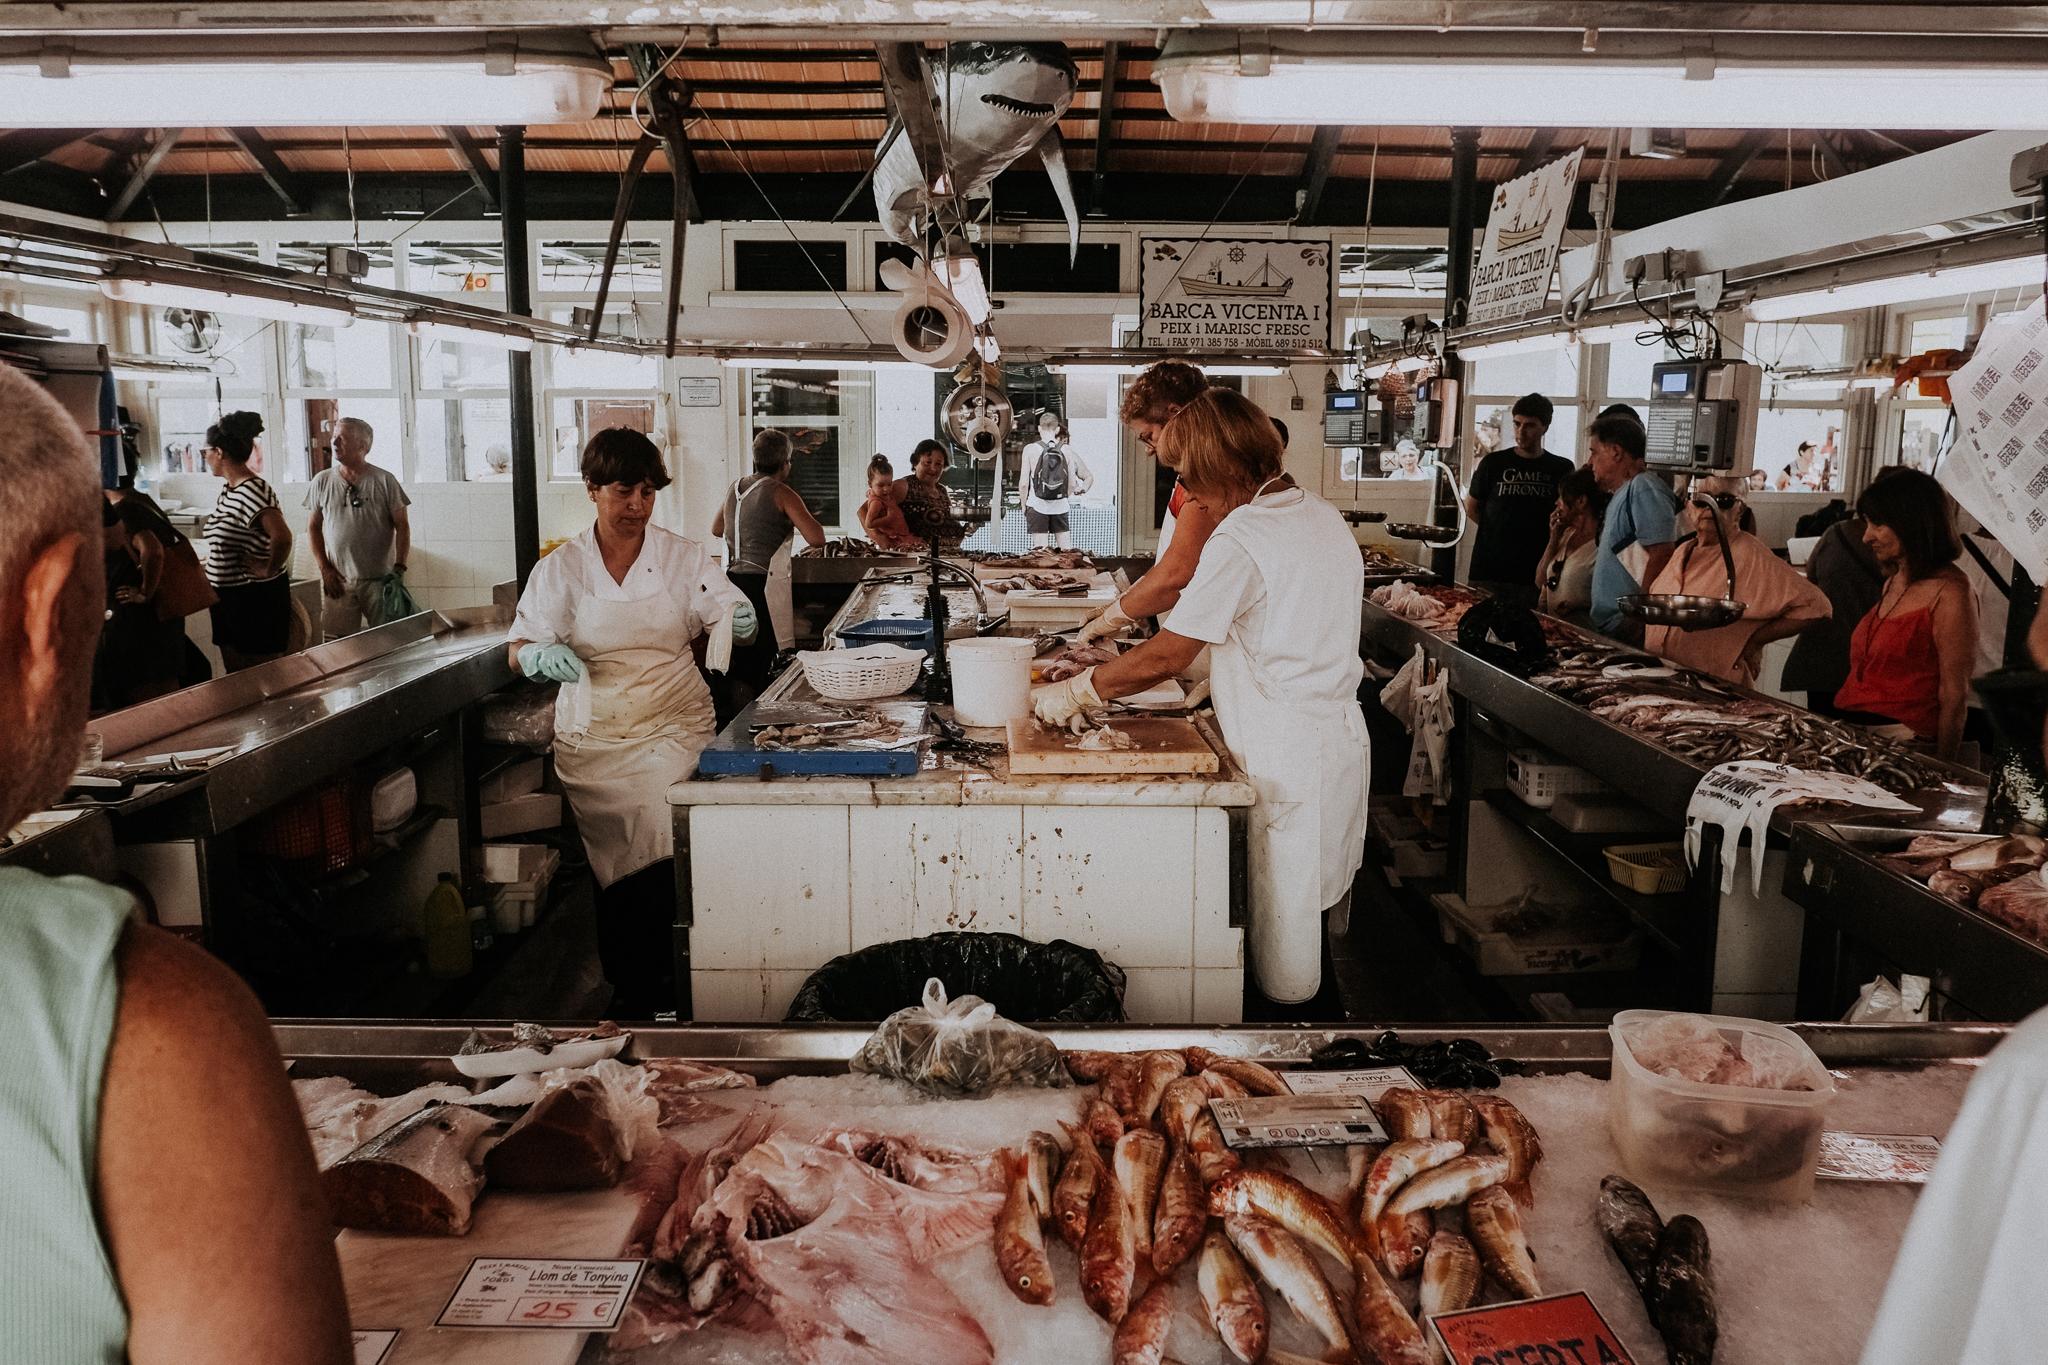 Menorca-009.jpg